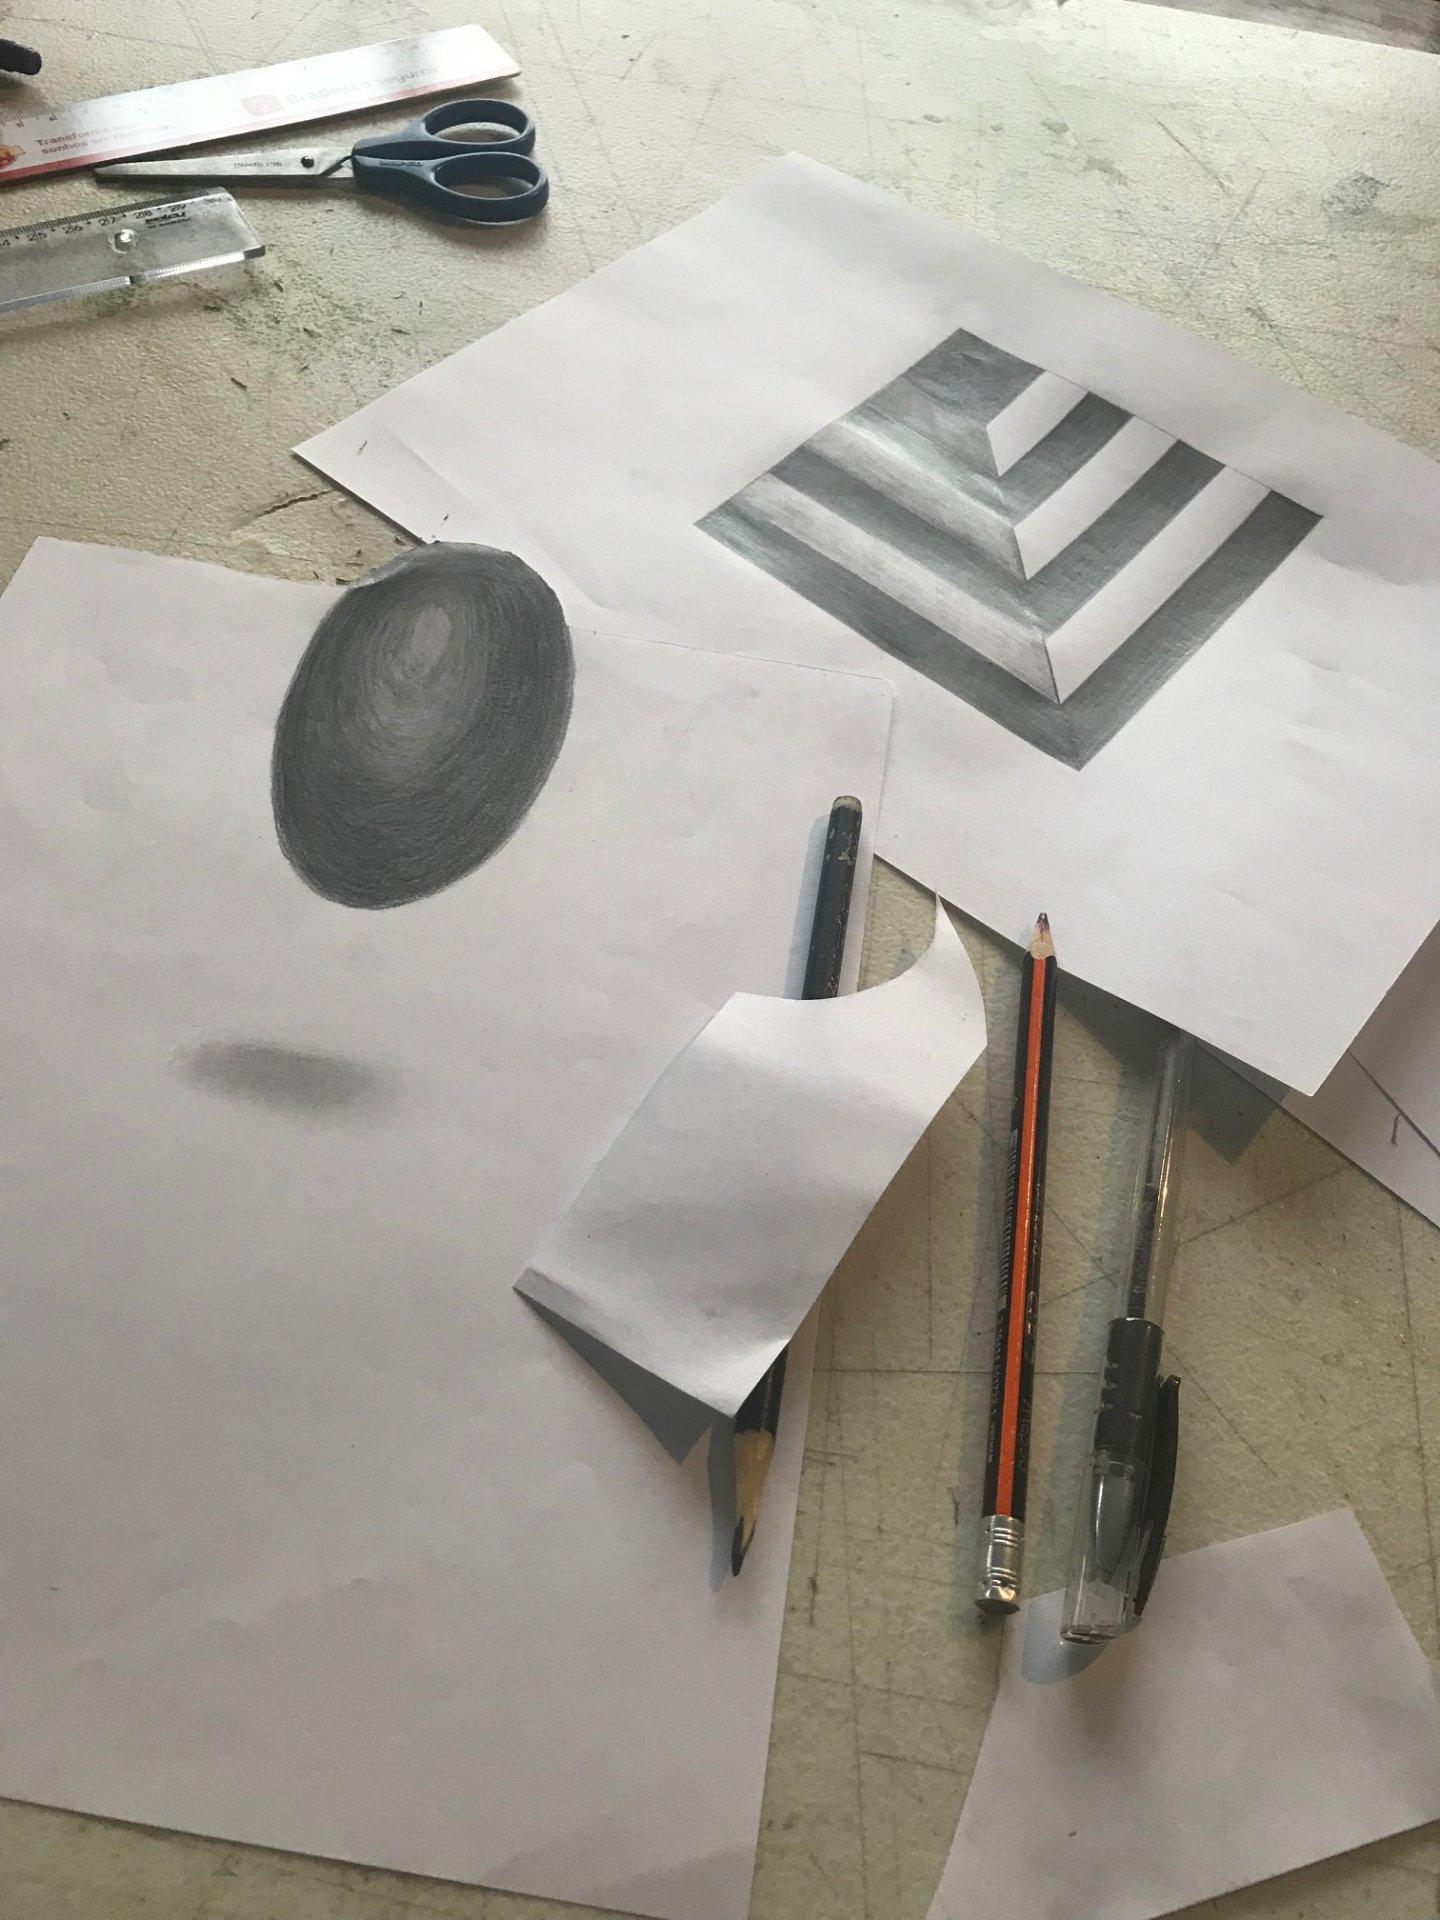 Turma De Curso De Desenho Em 3d Aprende Tecnicas E Tracos A Lapis